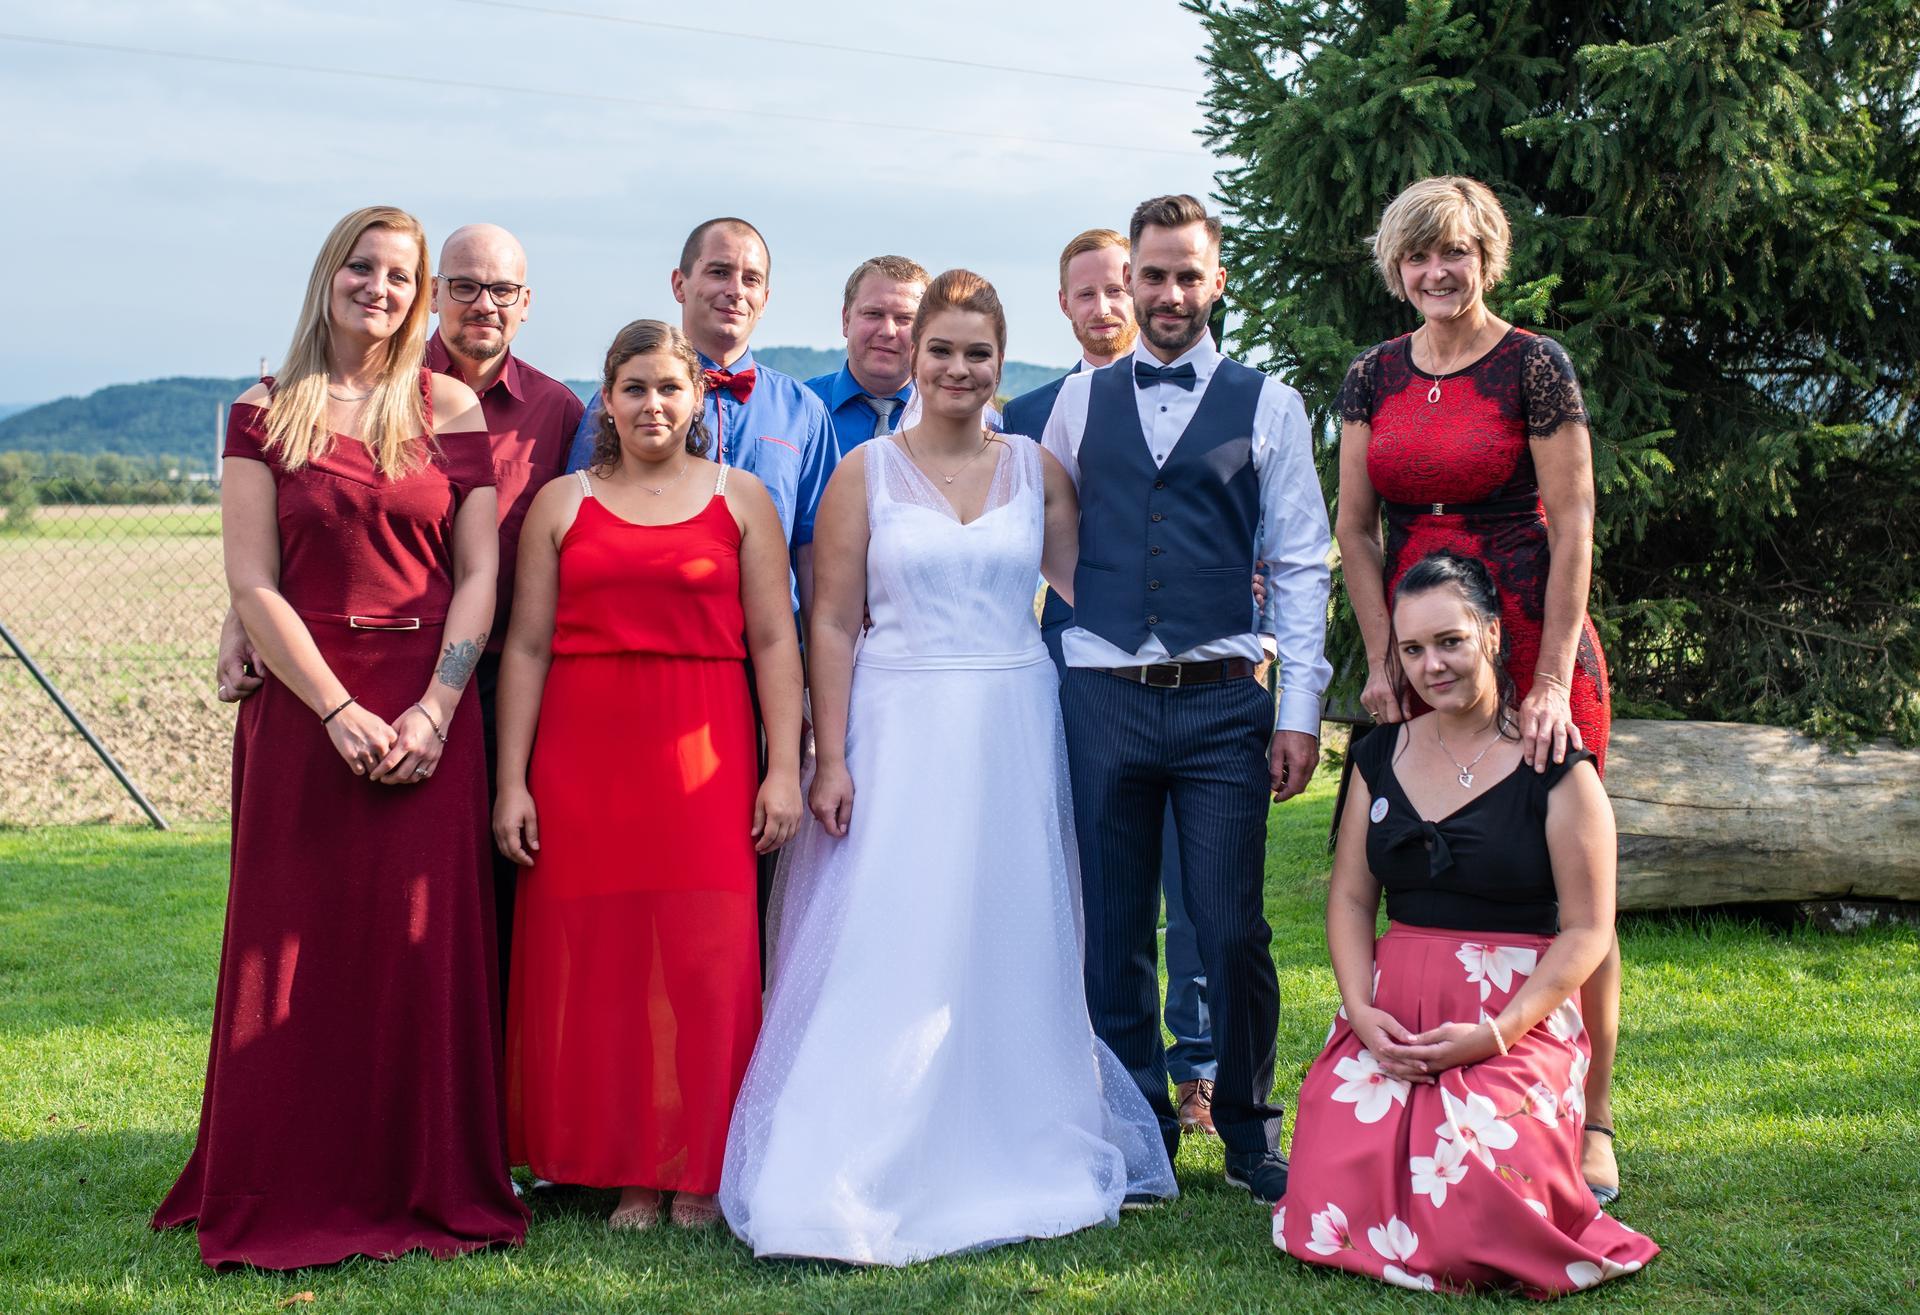 Radka {{_AND_}} Bohumil - Když se s manželem poznáte v práci, je z vaší svatby tak trochu firemní večírek :D